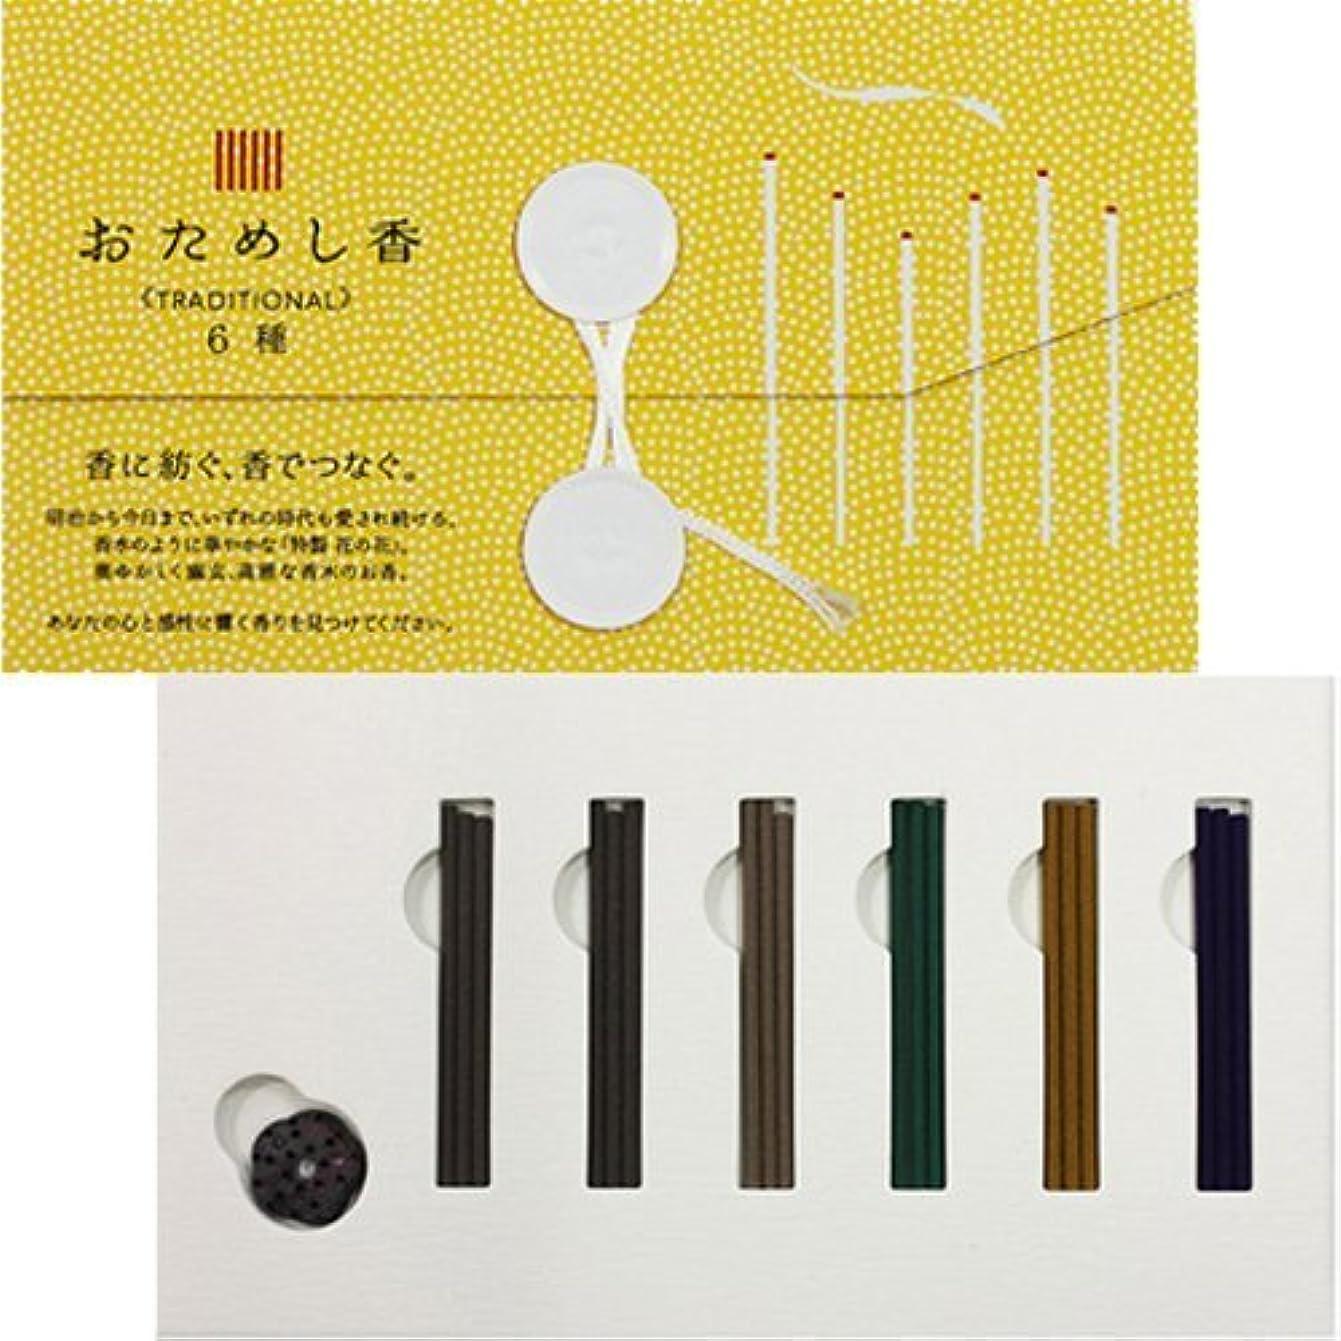 置換メアリアンジョーンズクラッシュおためし香 トラディショナル 6種(各3本)